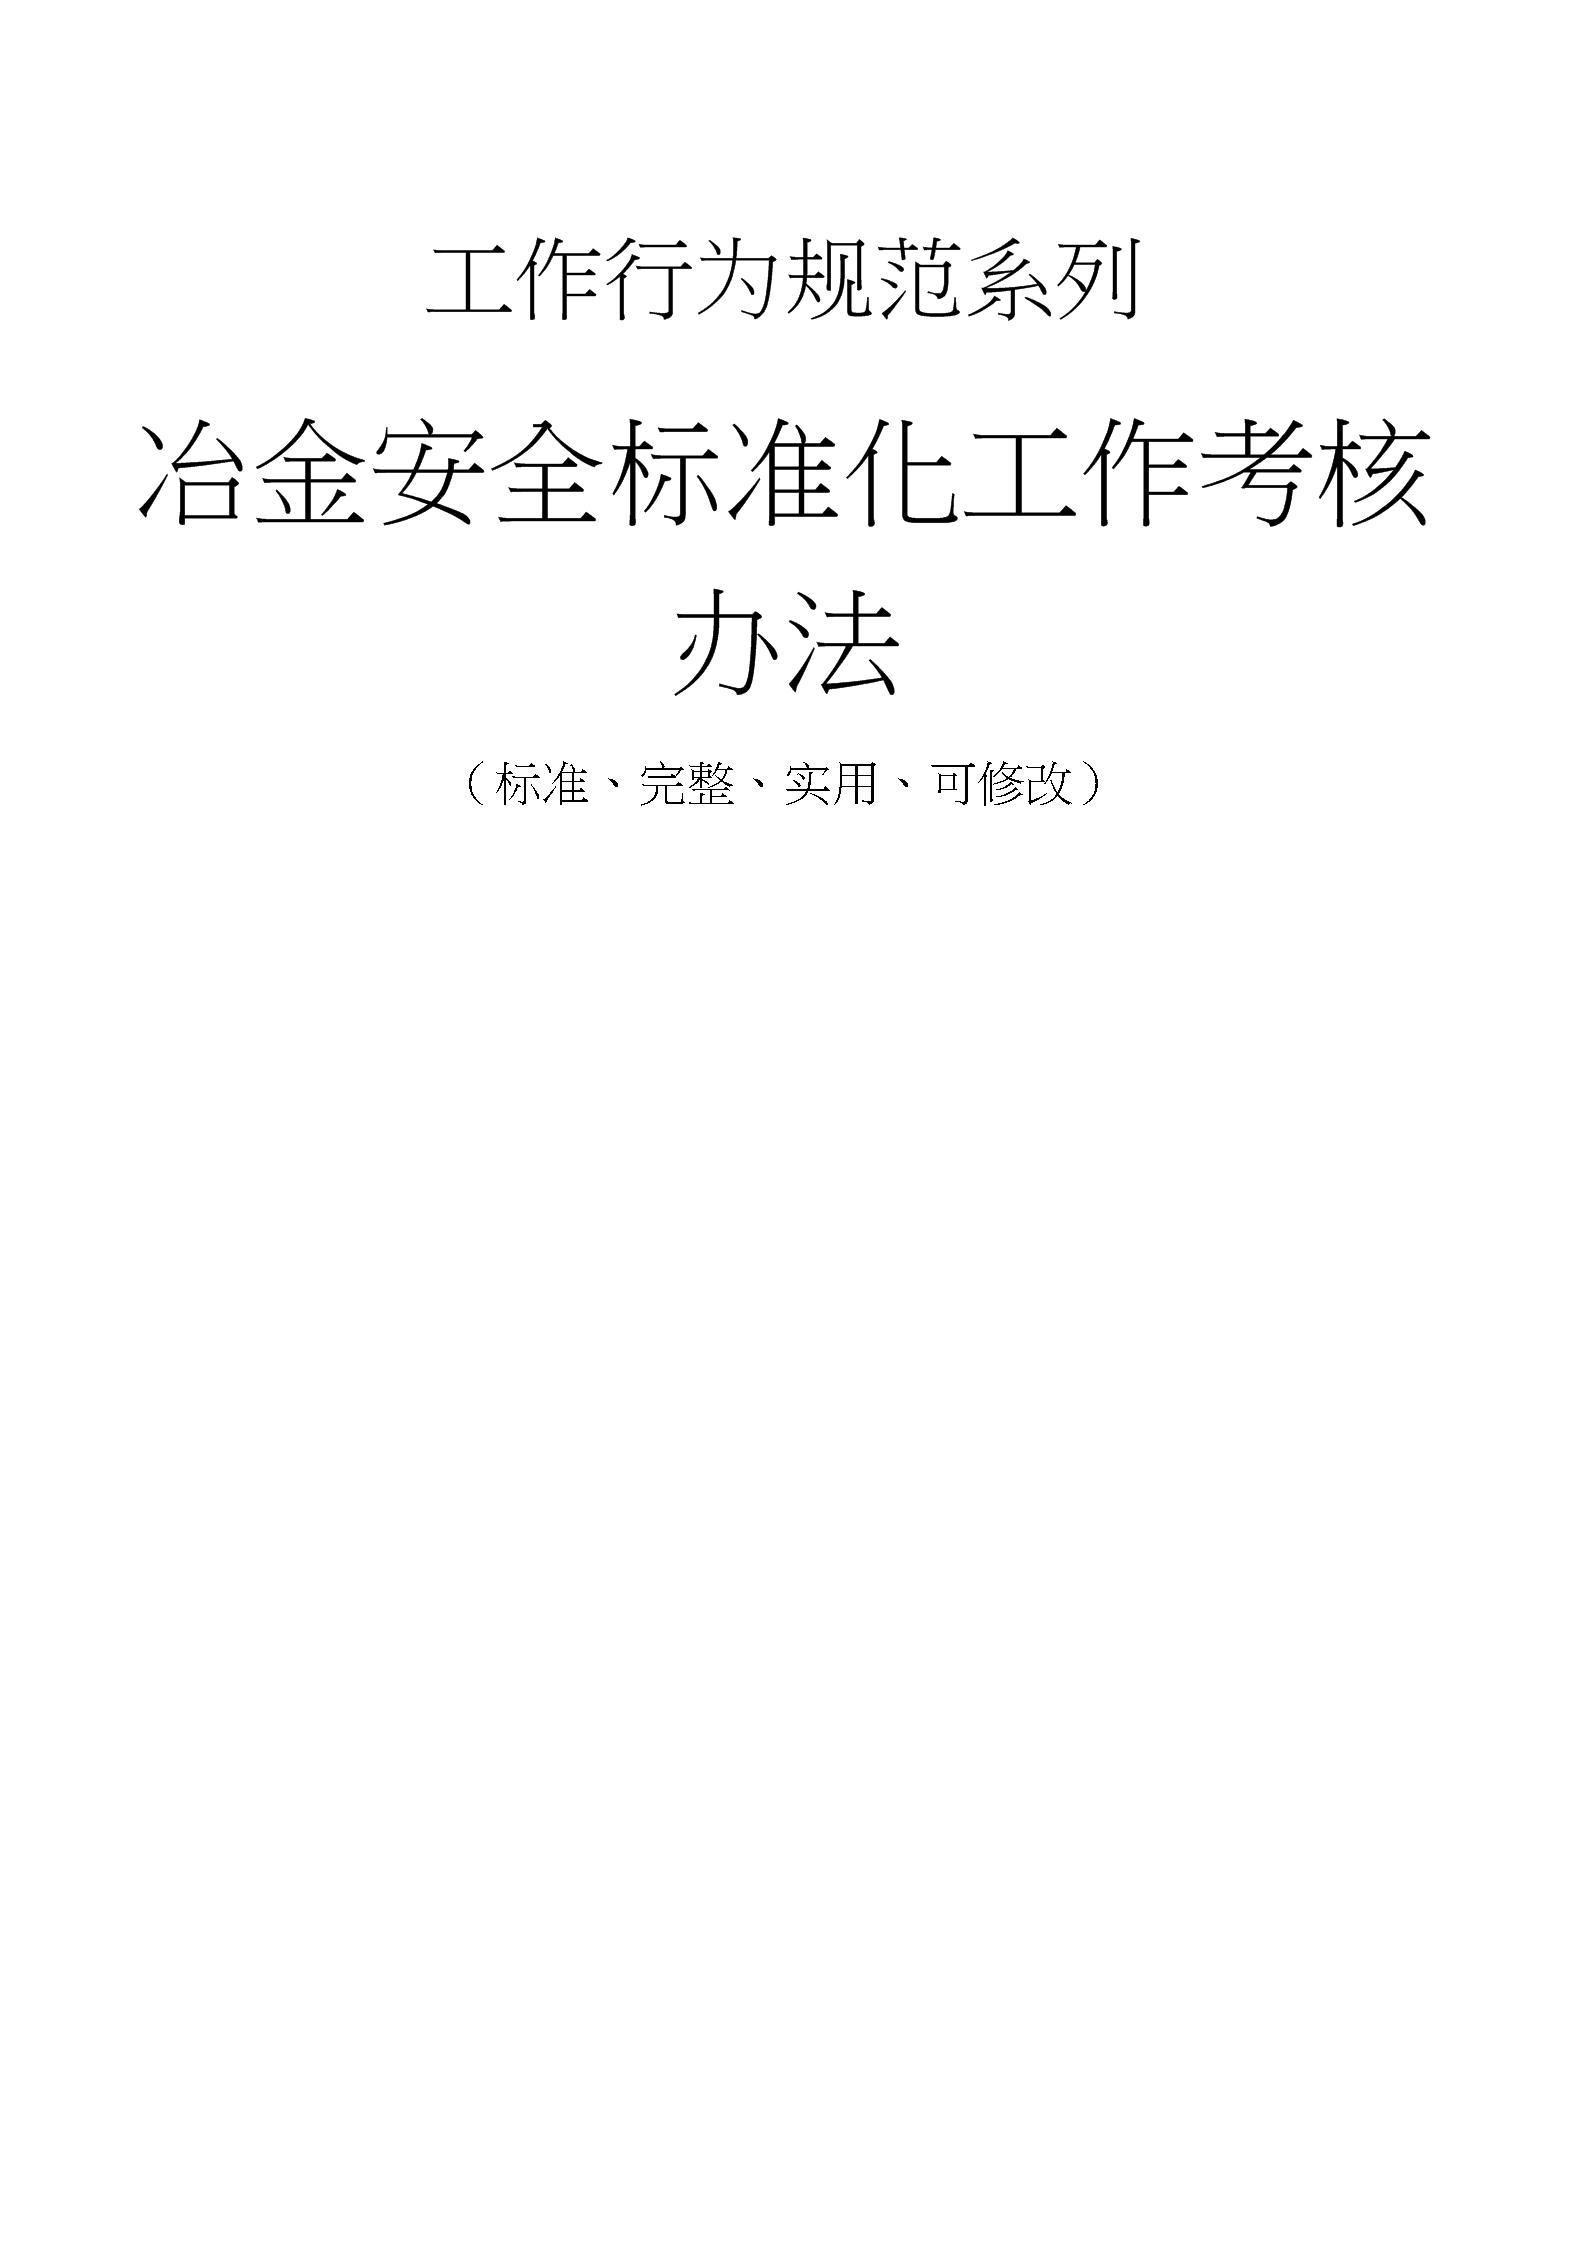 冶金安全标准化工作考核办法.docx